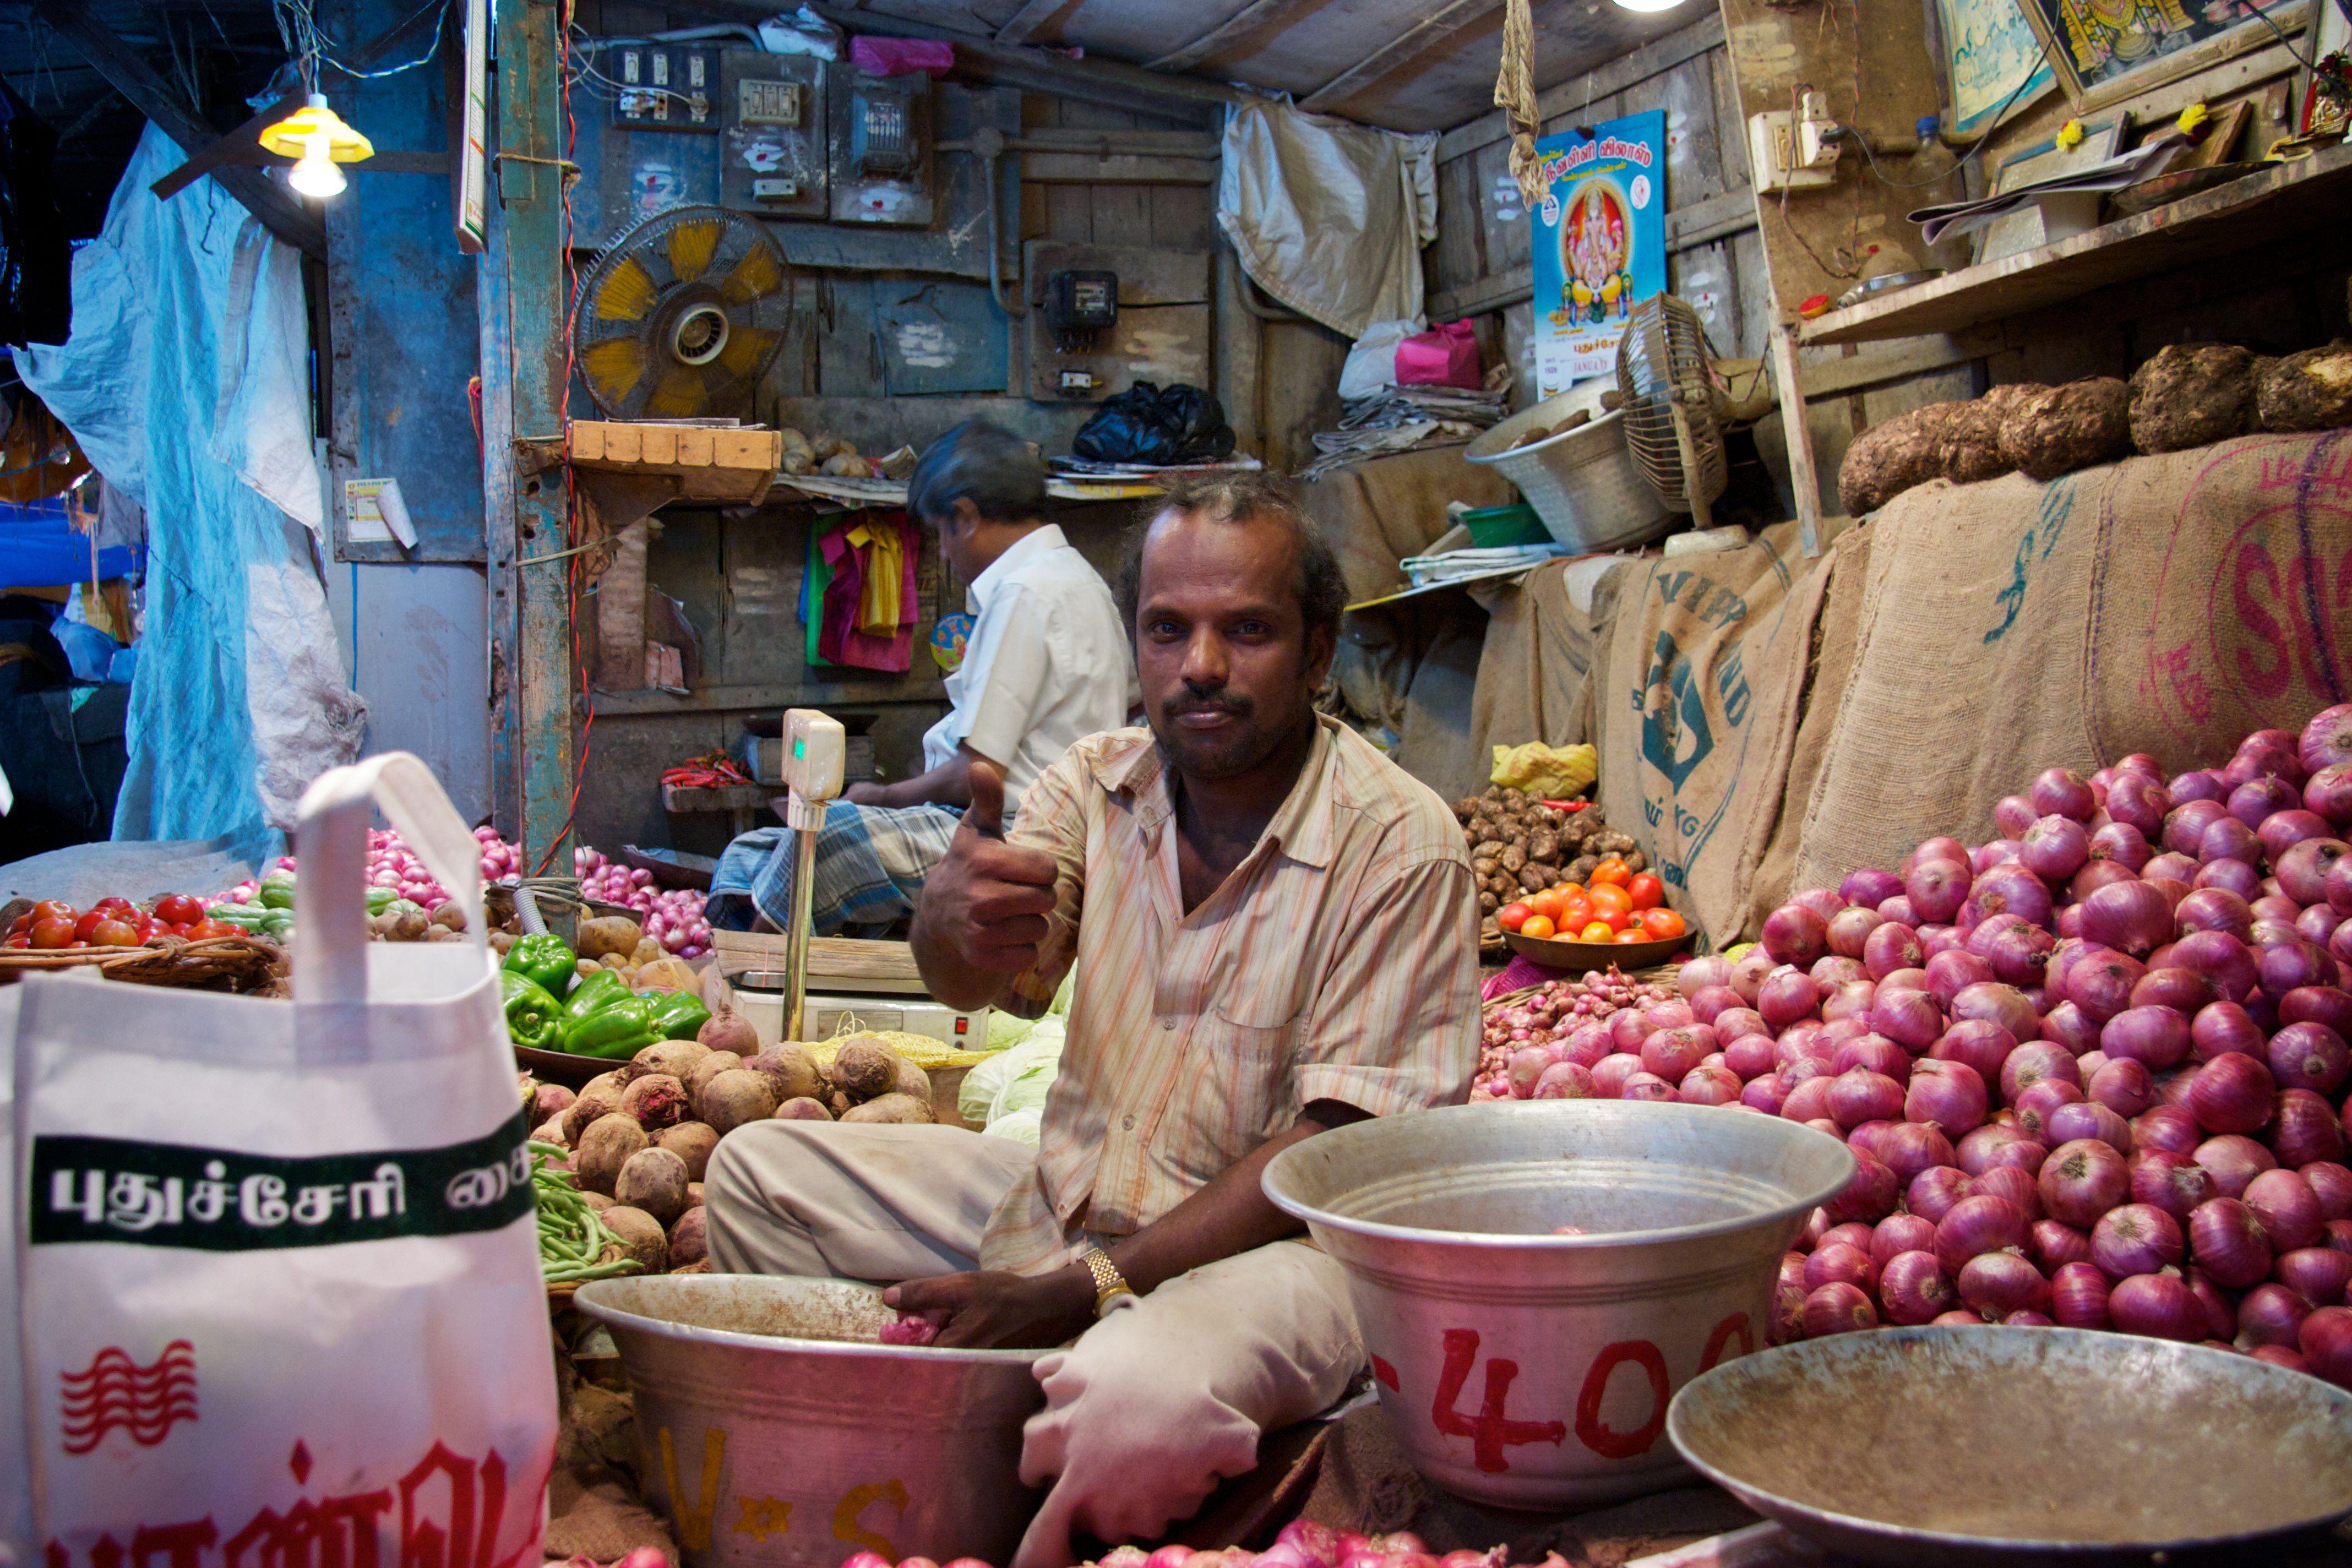 Market in Pondicherry